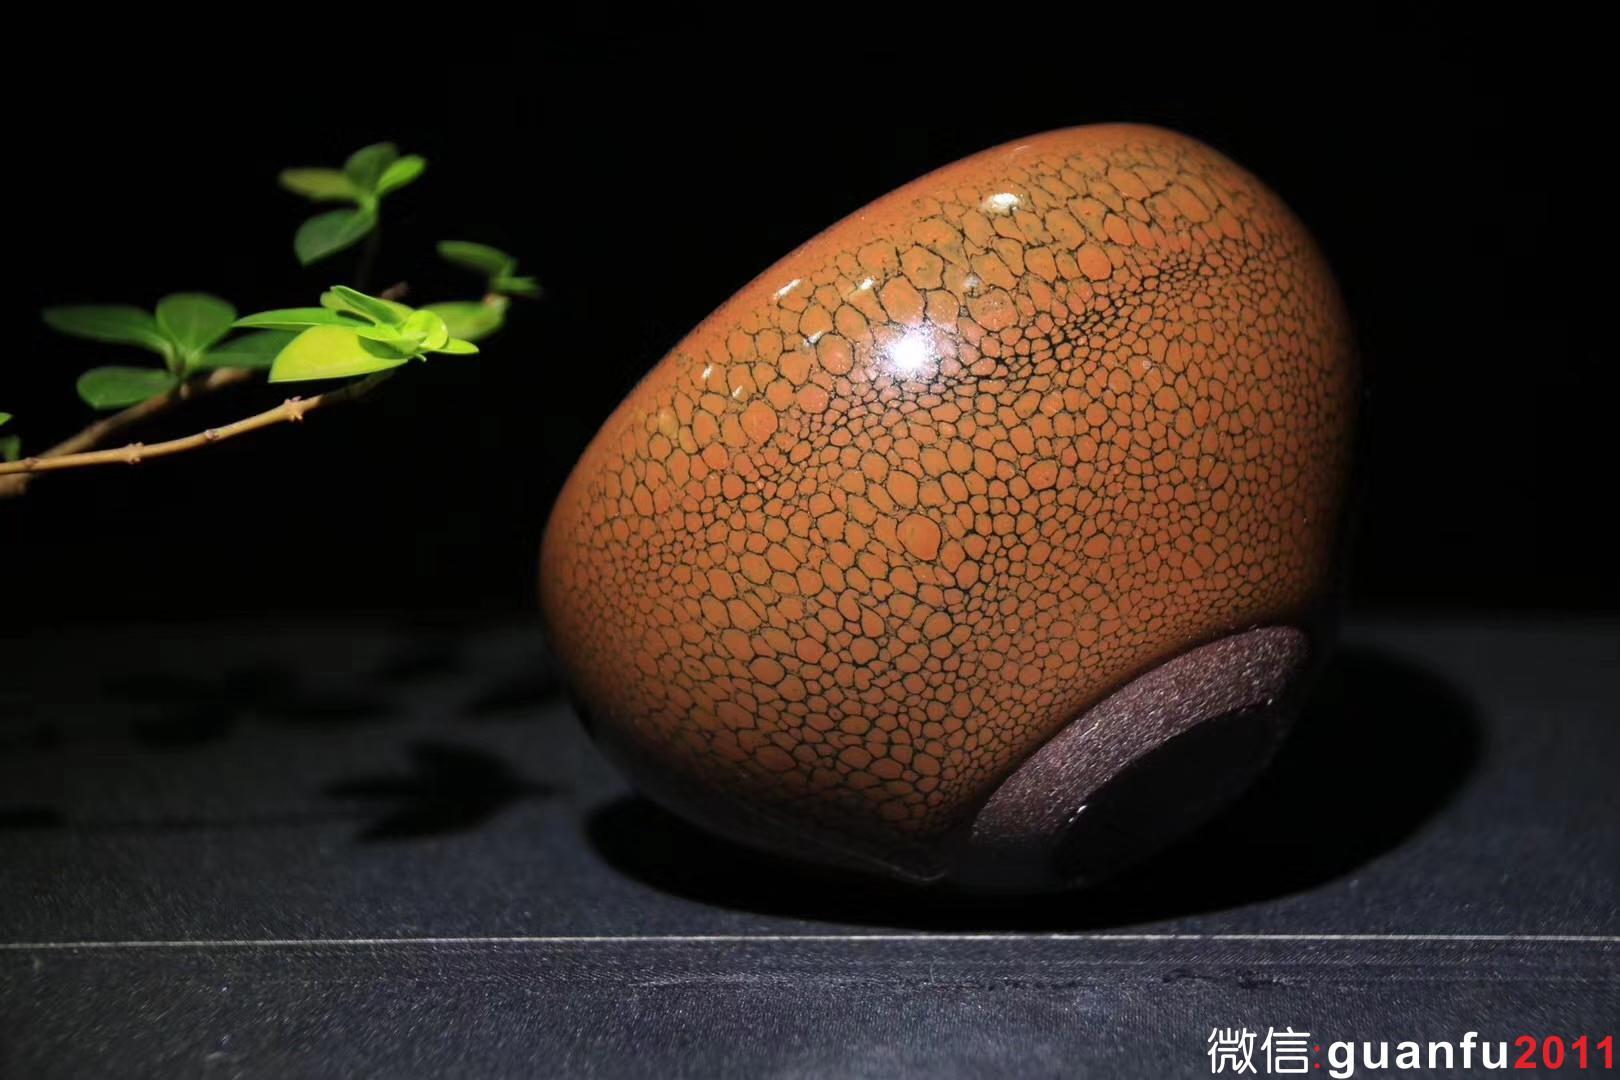 陈叶琦老师作品:禅定钵、鹧鸪斑,8.5cm 5.7cm